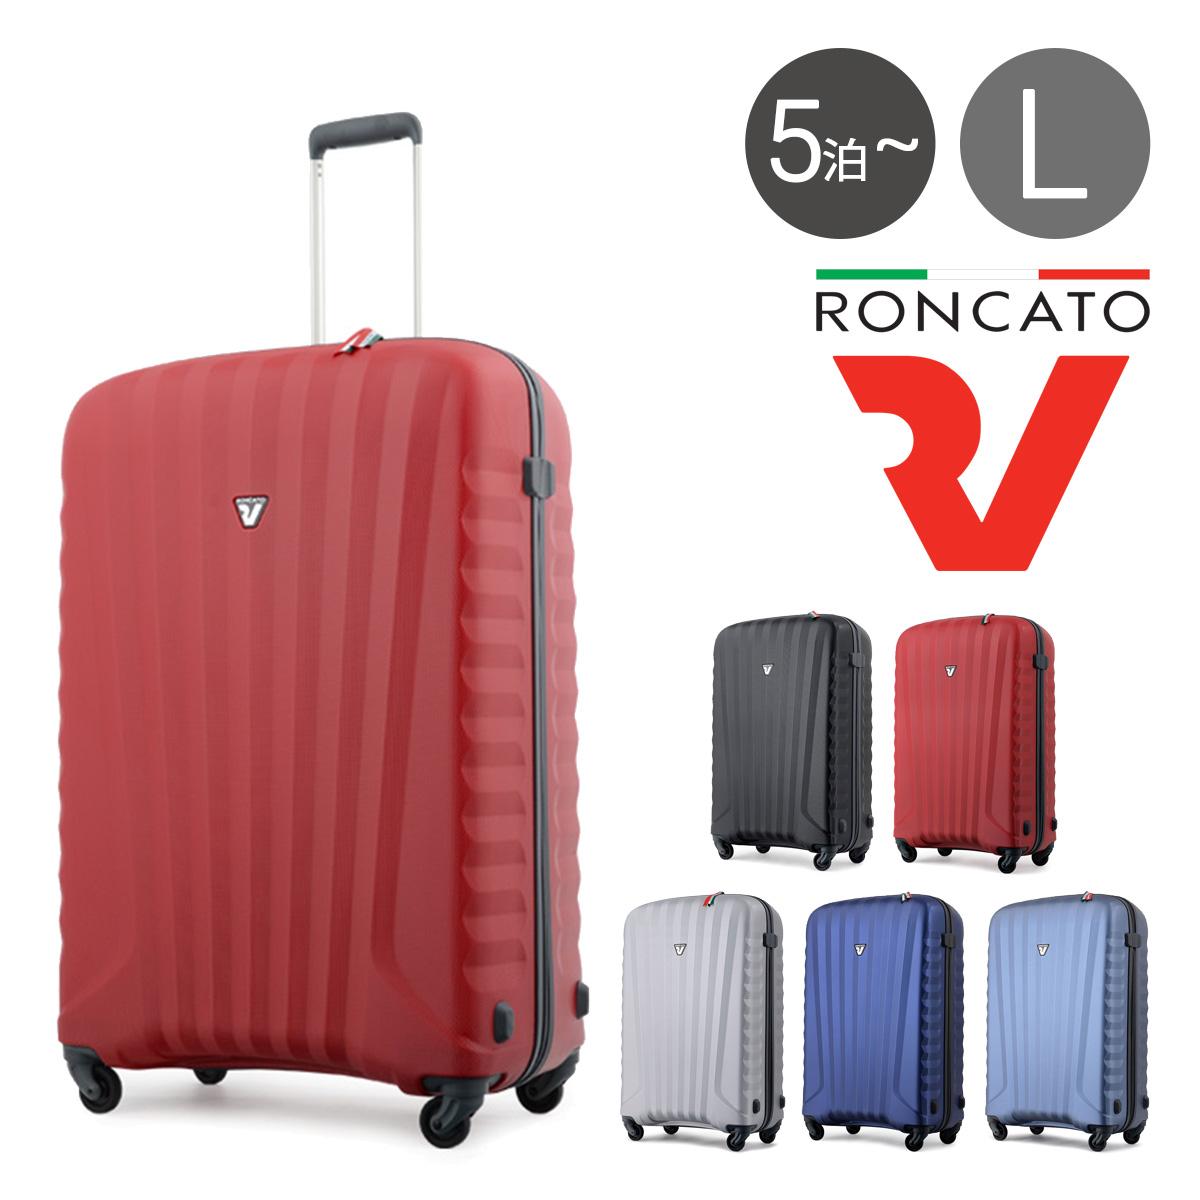 ロンカート スーツケース 5081 UNO ZIP ZSL 74cm 【 ウノ ジッパー 10年保証 】【 1421 軽量 イタリア製 キャリーケース TSAロック搭載 】[bef][PO10]